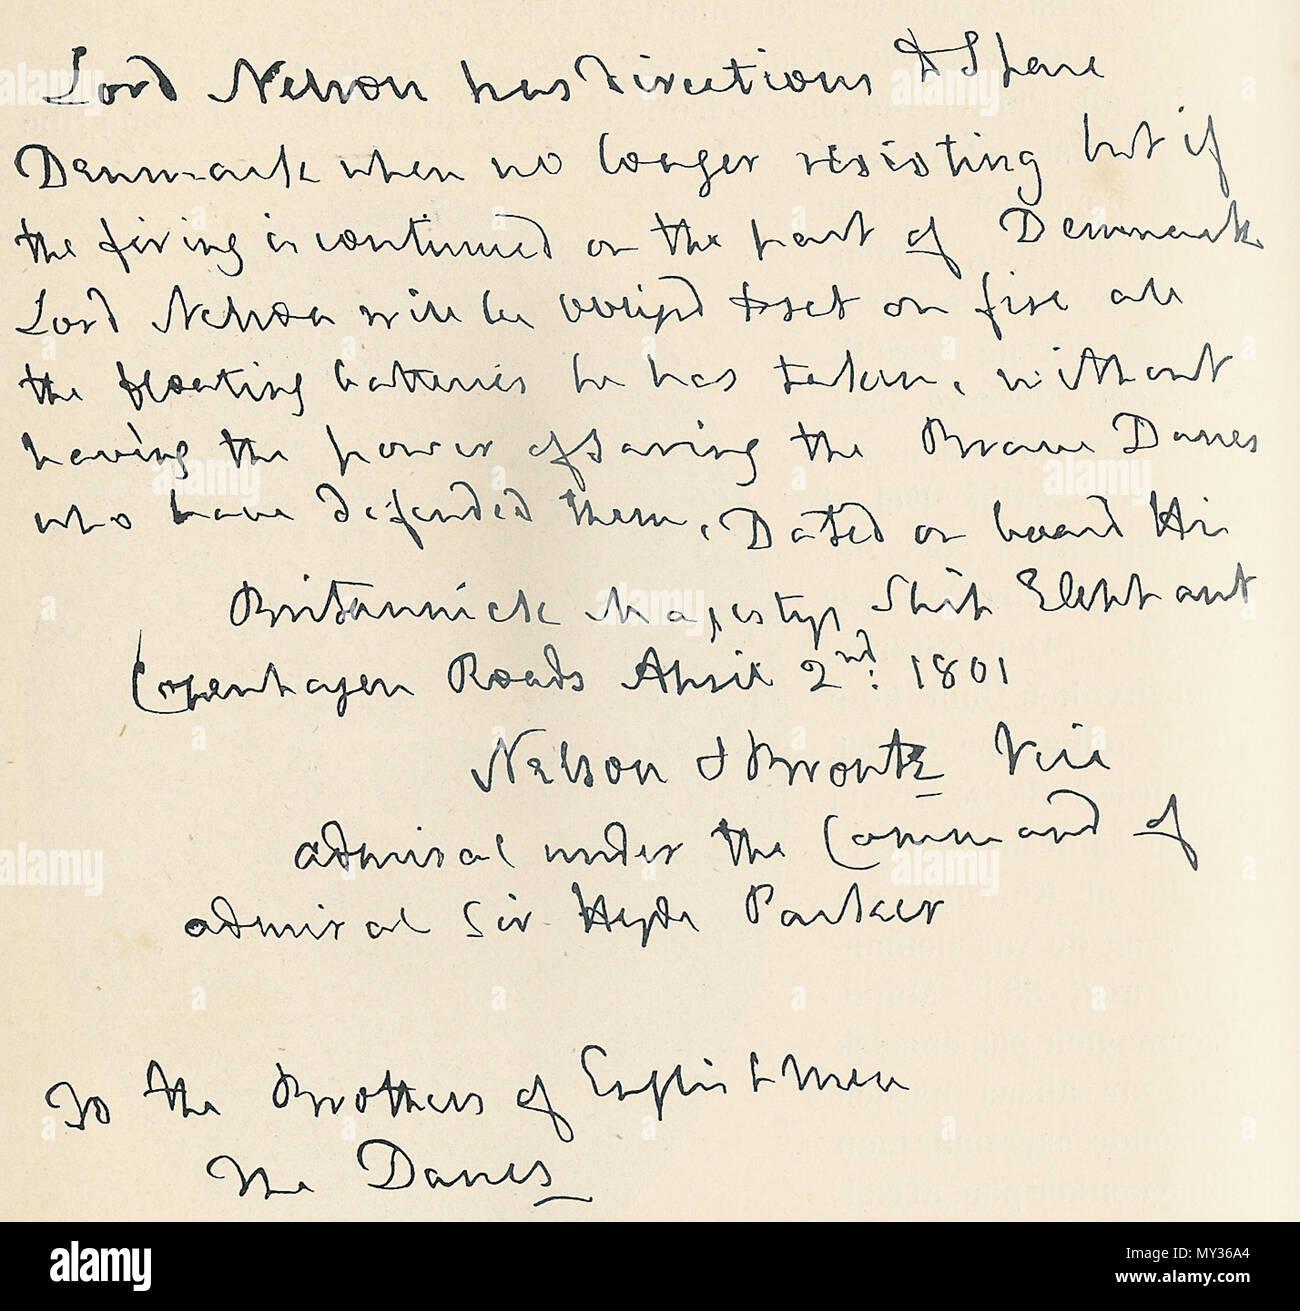 Englisch Nelsons Erstes Schreiben An Die Dänische Regierung